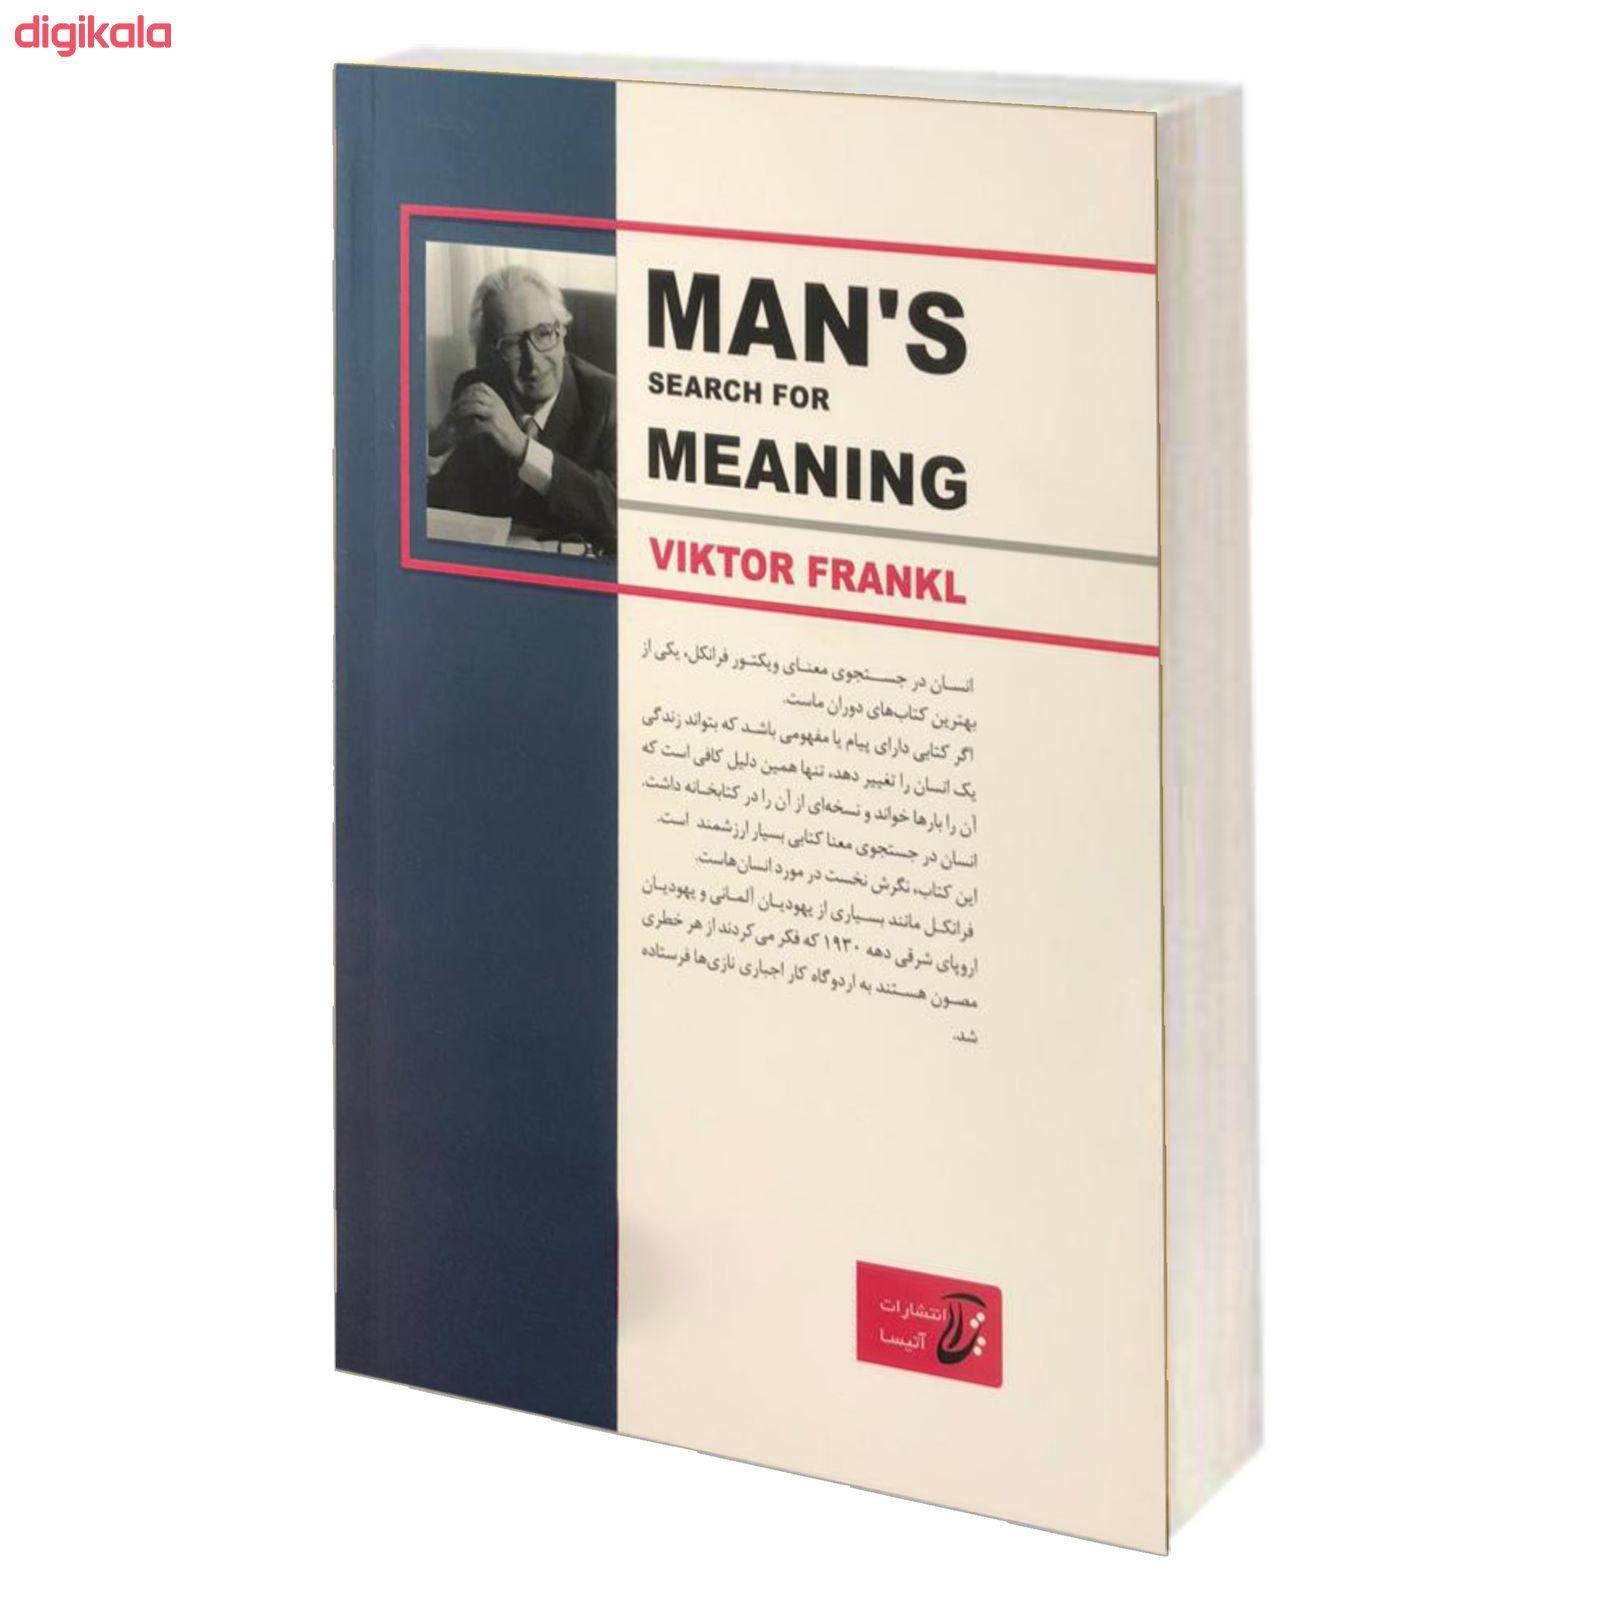 کتاب انسان در جستجوی معنا اثر ویکتور فرانکل انتشارات آتیسا main 1 1